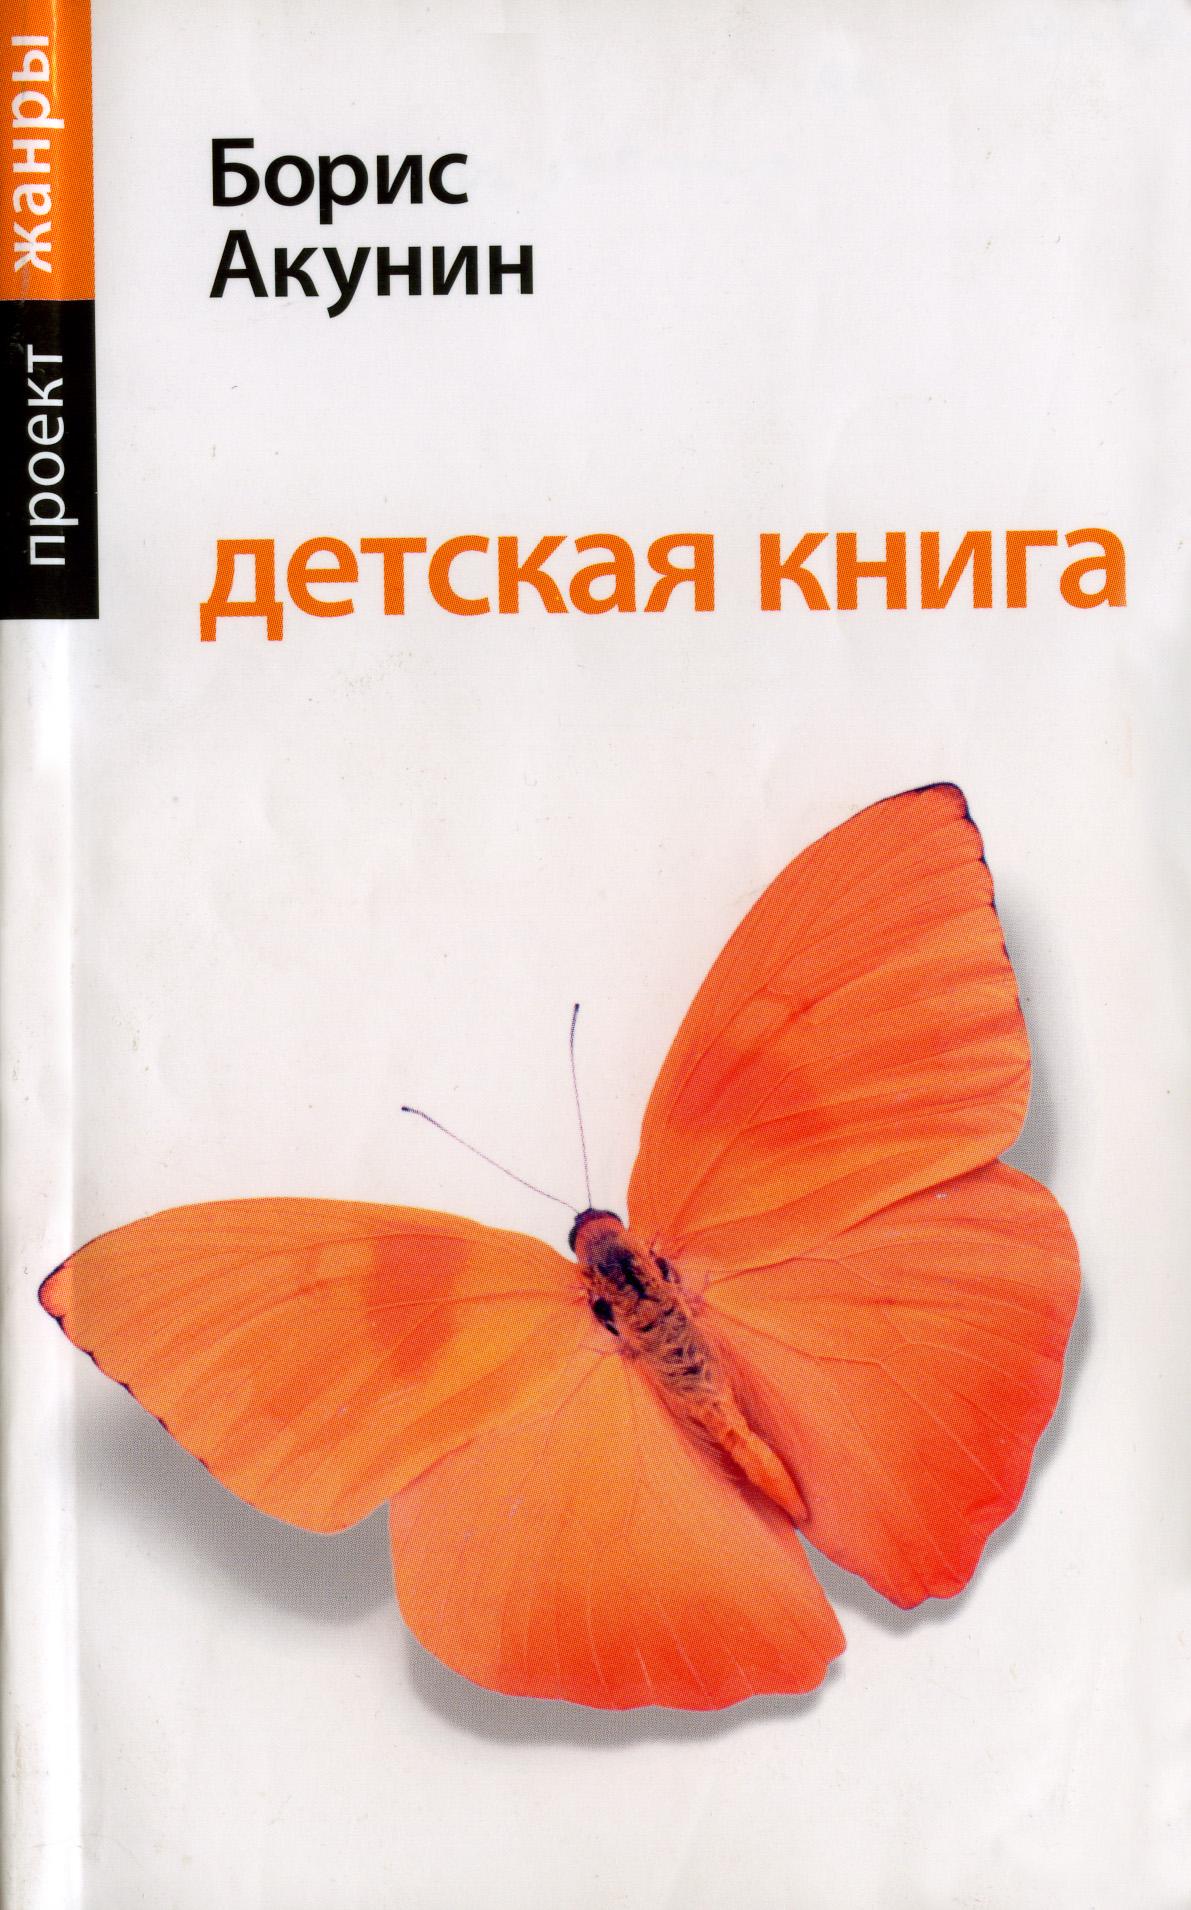 Борис Акунин Детская книга